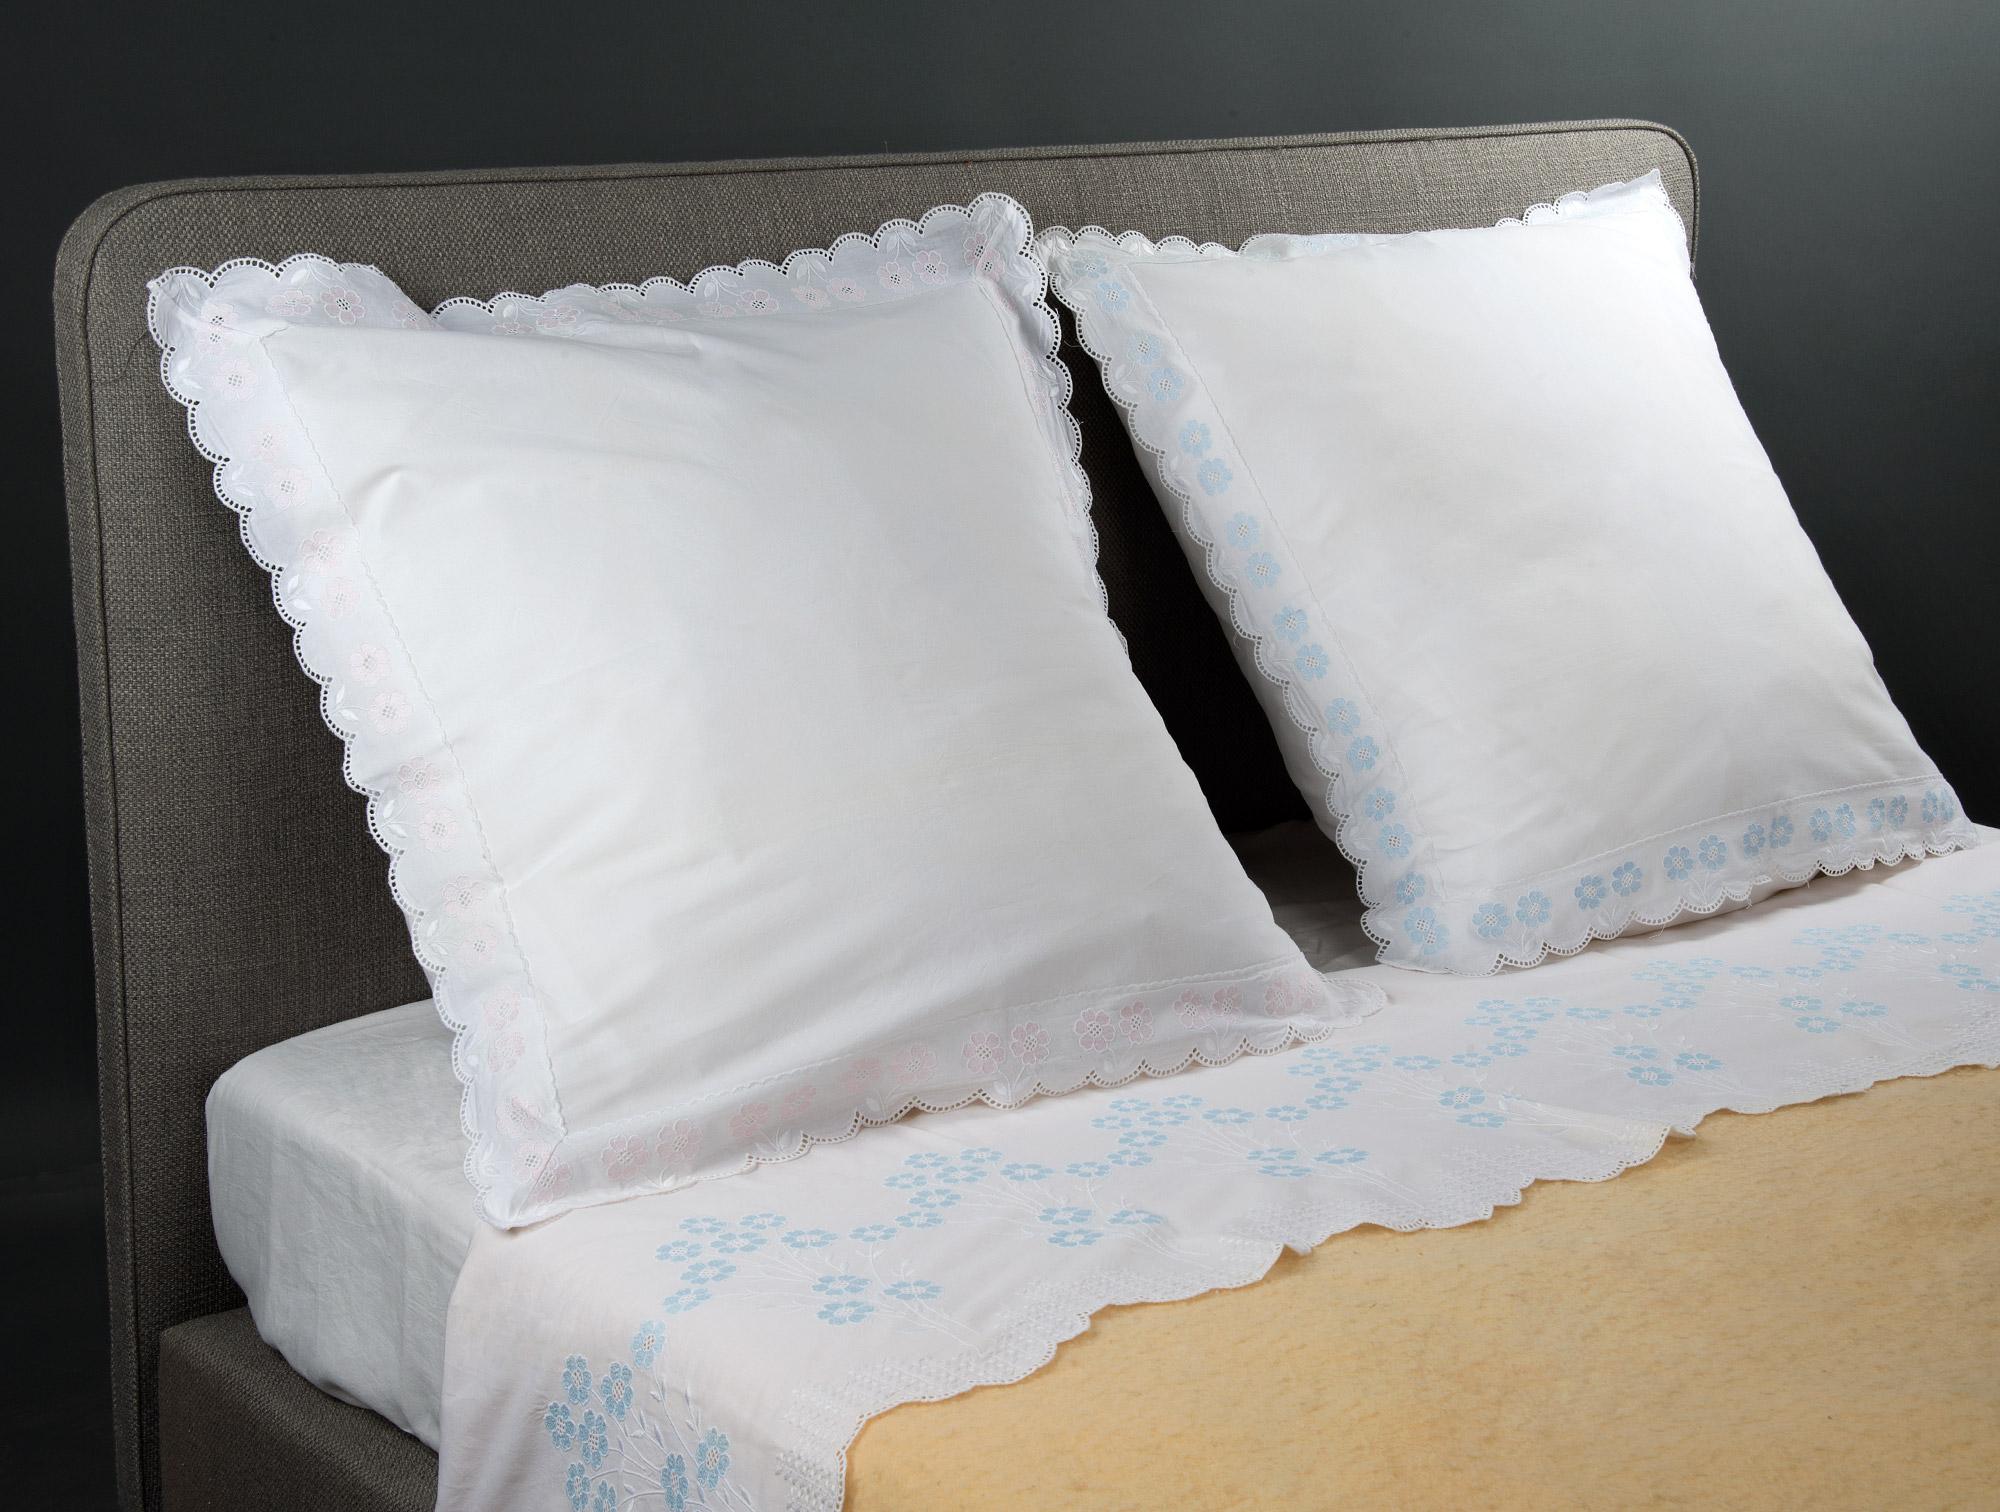 drap blanc broderie fleurs bleues soubrier louer tissus drap xxe. Black Bedroom Furniture Sets. Home Design Ideas